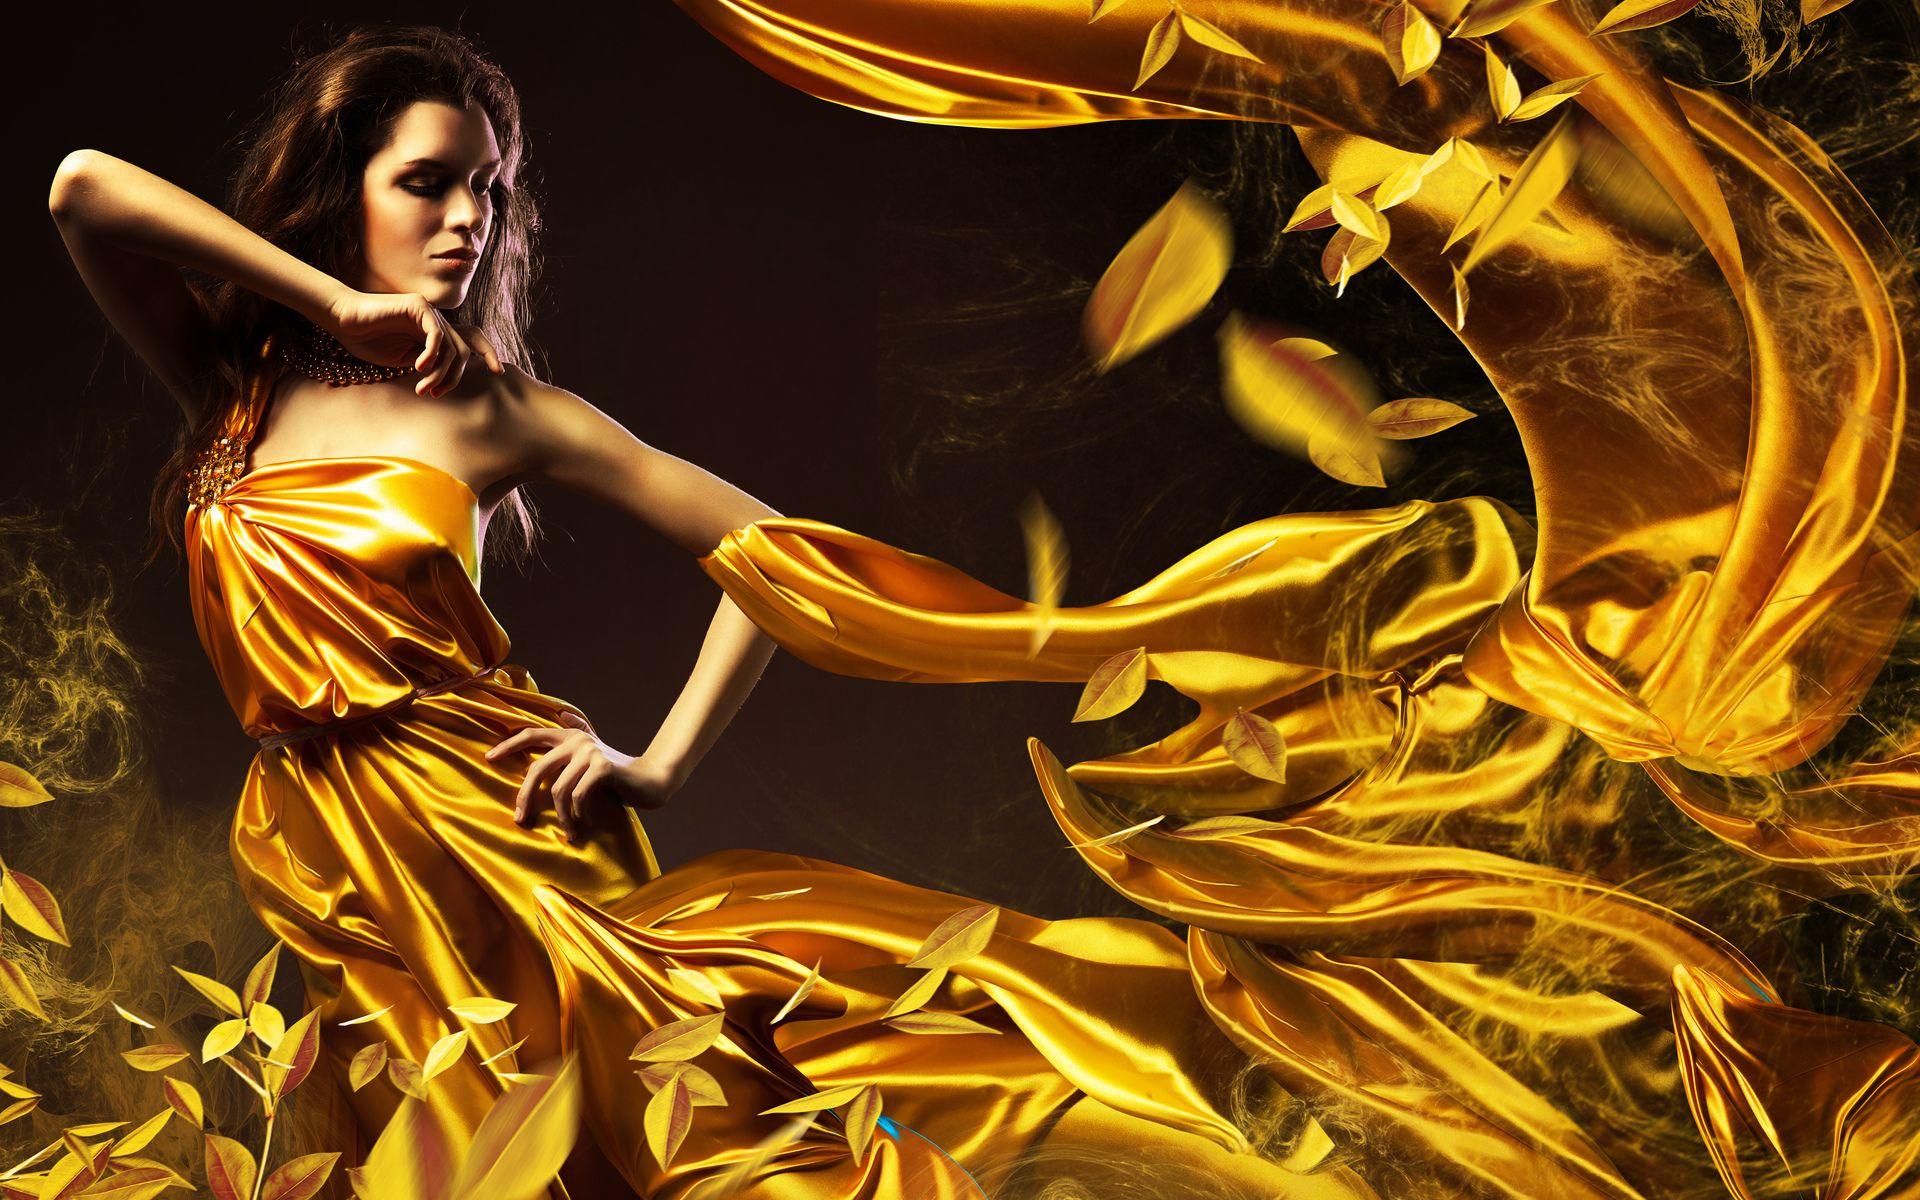 Resultado de imagem para sexy woman dancing